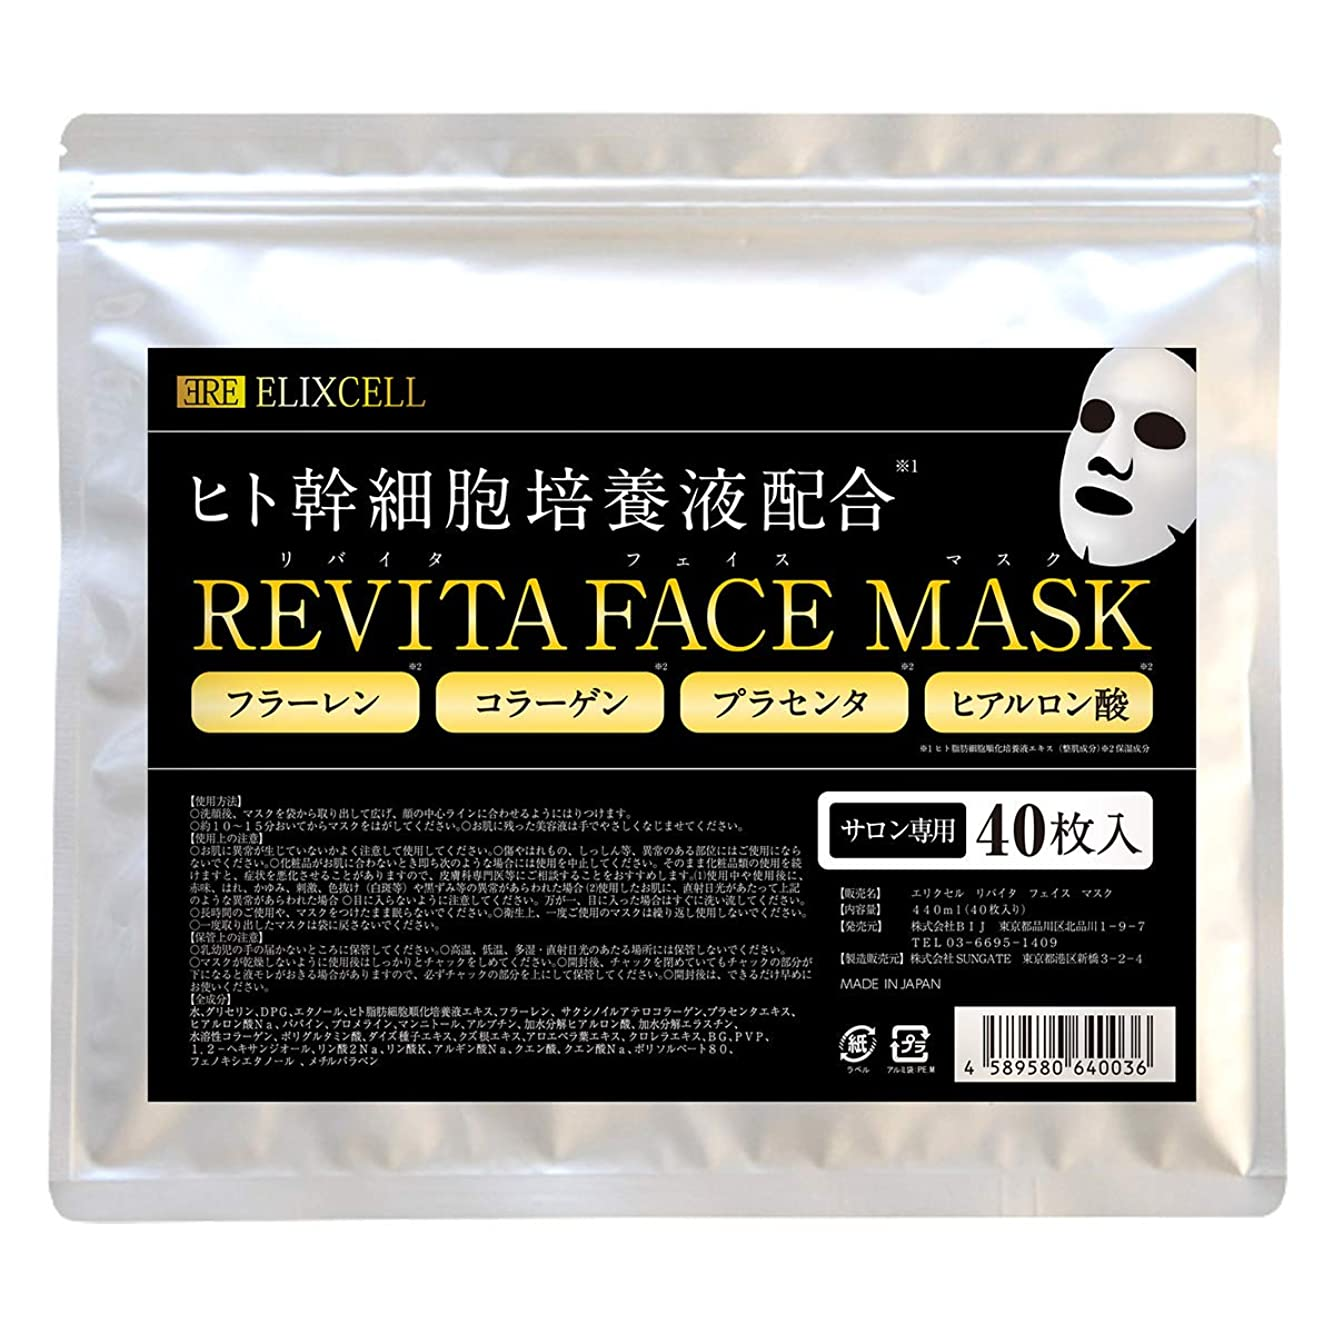 しなやかセクションポンプエリクセル リバイタ フェイスマスク(40枚入り) ヒト幹細胞培養エキス フラーレン コラーゲン サロン業界初 低価格